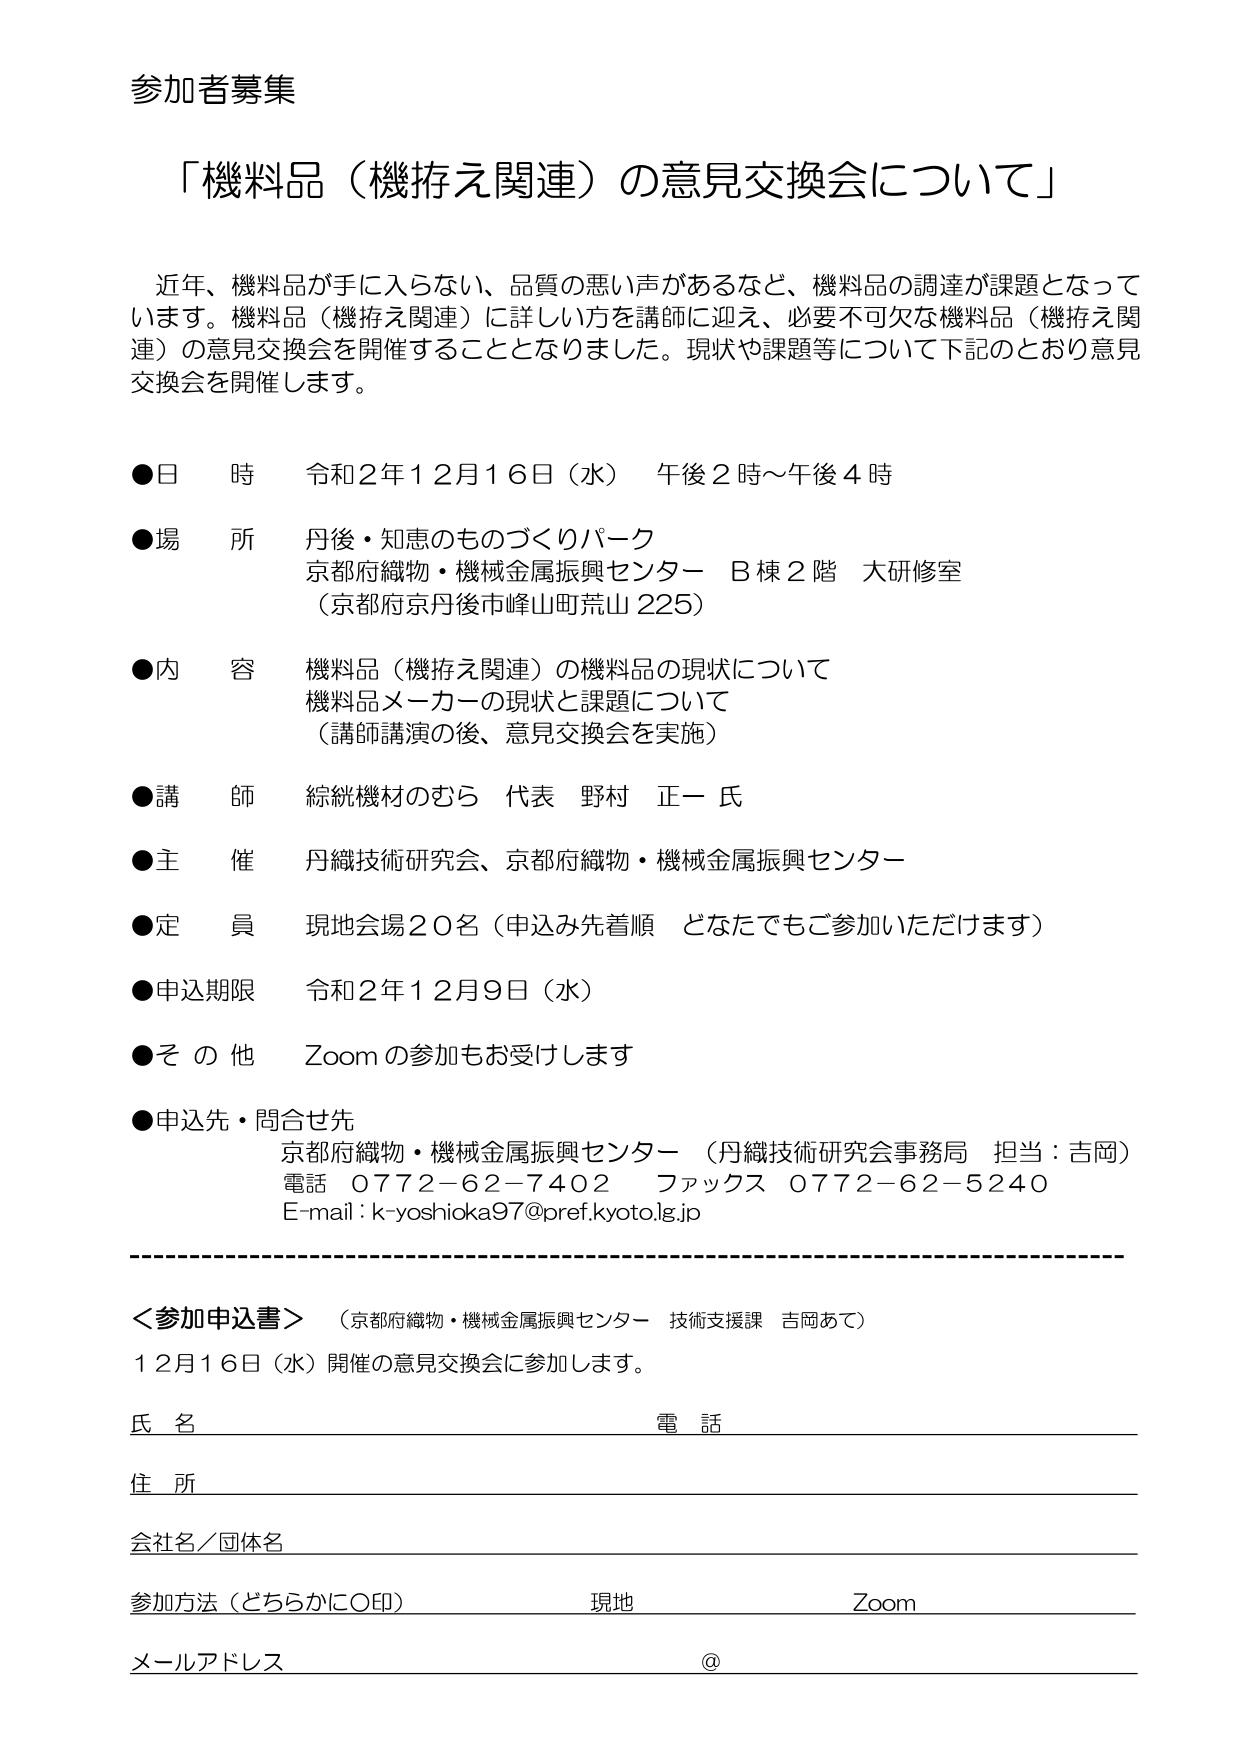 『機料品(機拵え関連)の意見交換会について』のご案内(12/9締切)